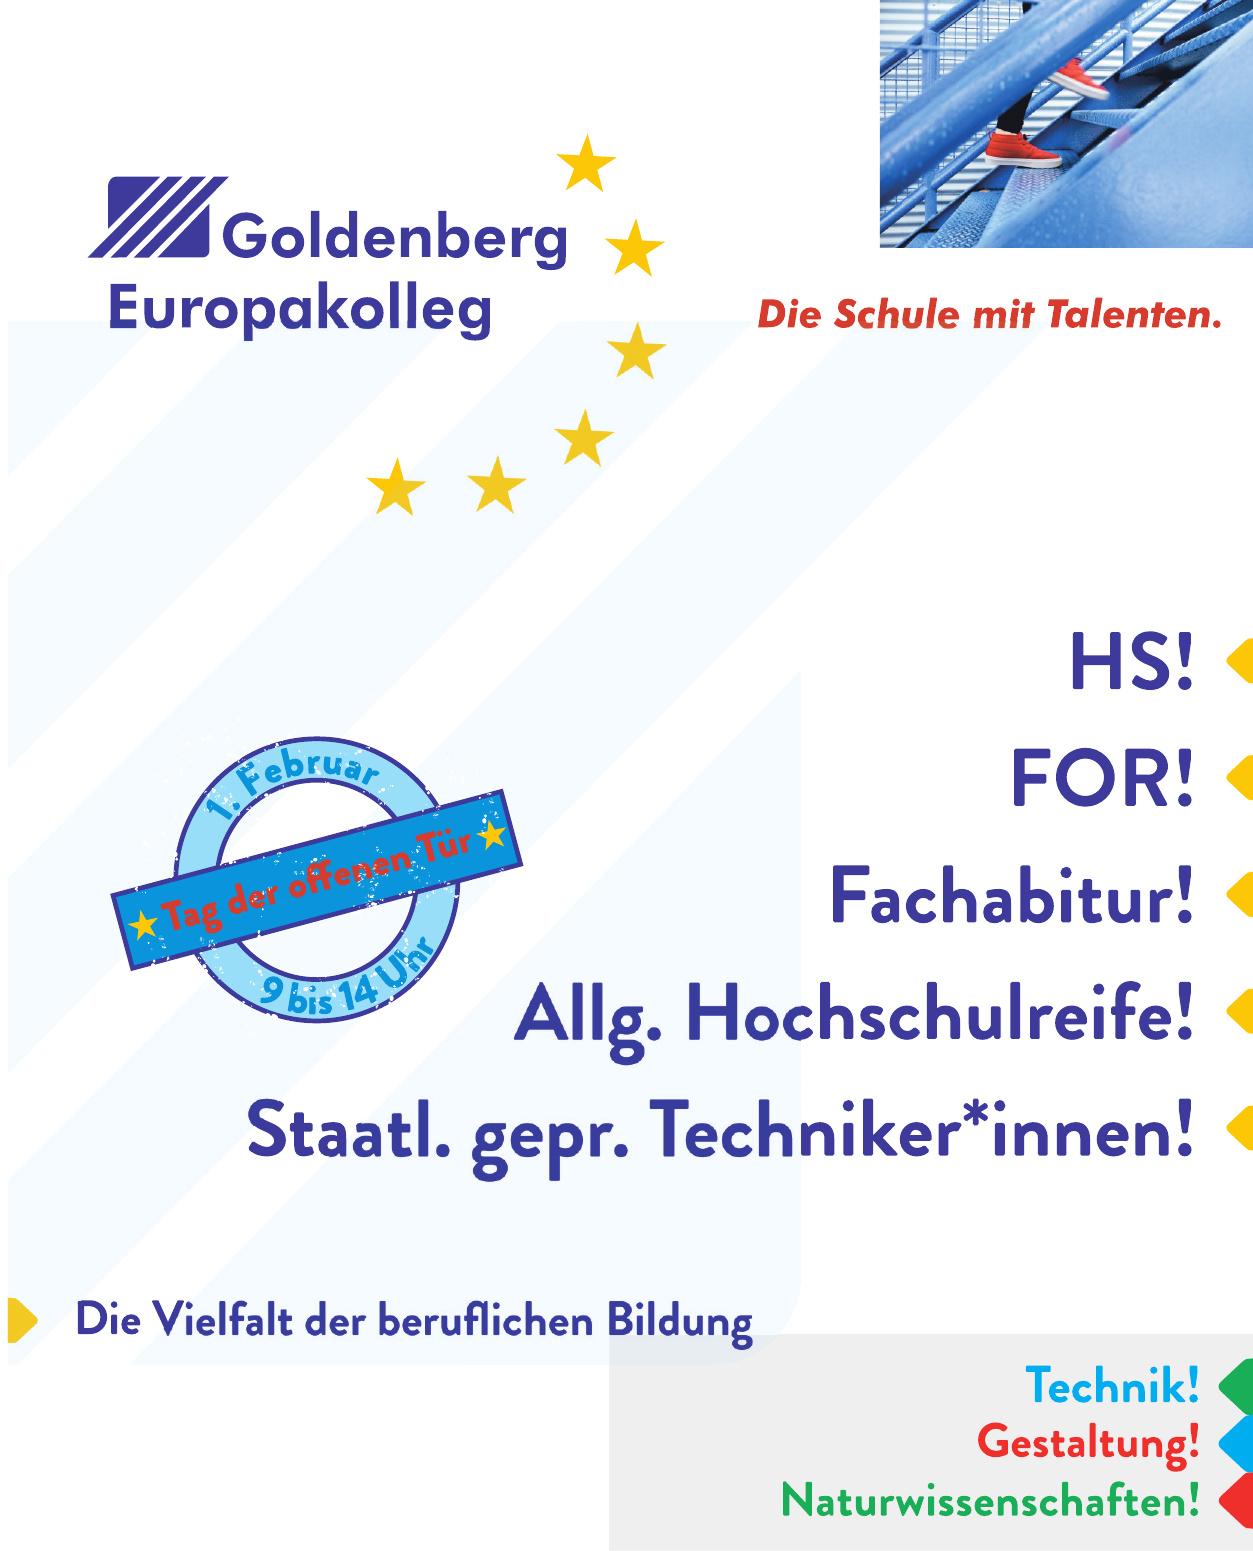 Goldenberg Europakolleg